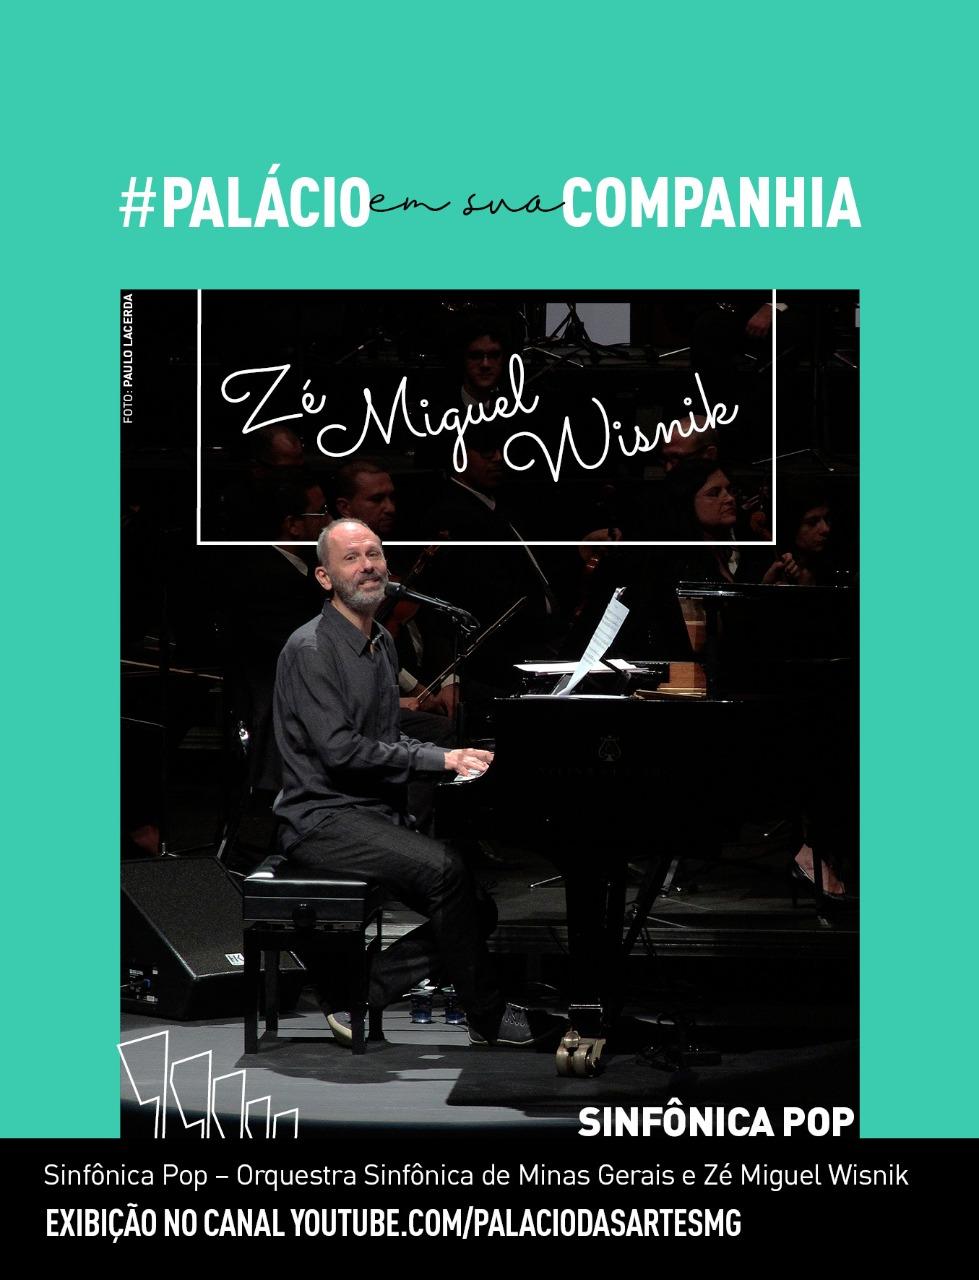 Evento: FCS exibe Sinfônica Pop com Zé Miguel Wisnik pelo #palacioemsuacompanhia